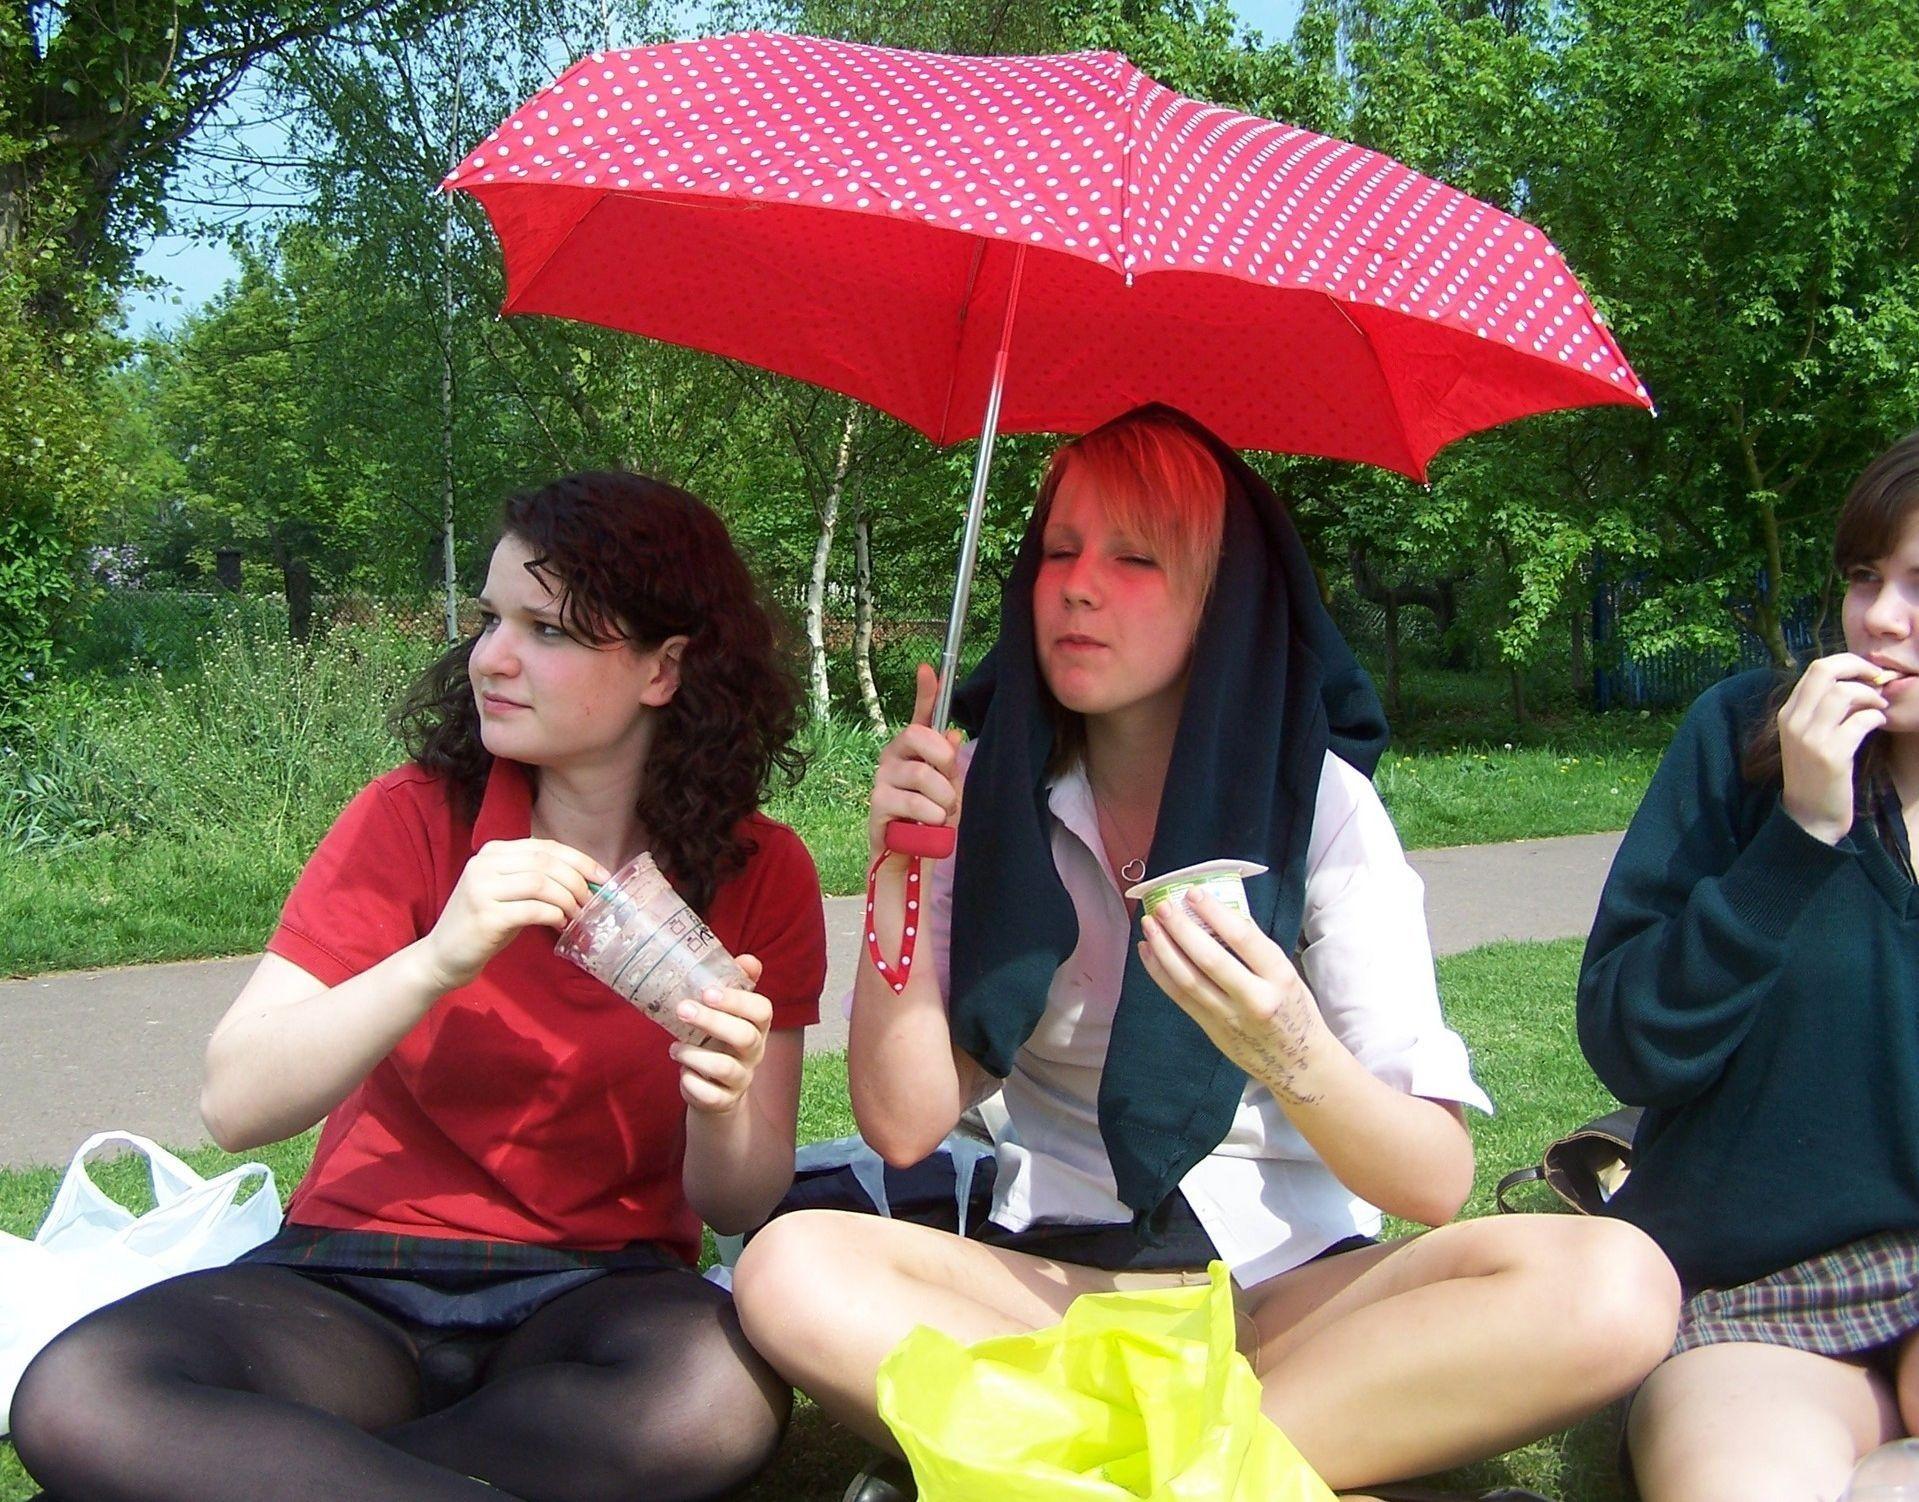 Три девушки в мини-юбках светят трусиками под колготками